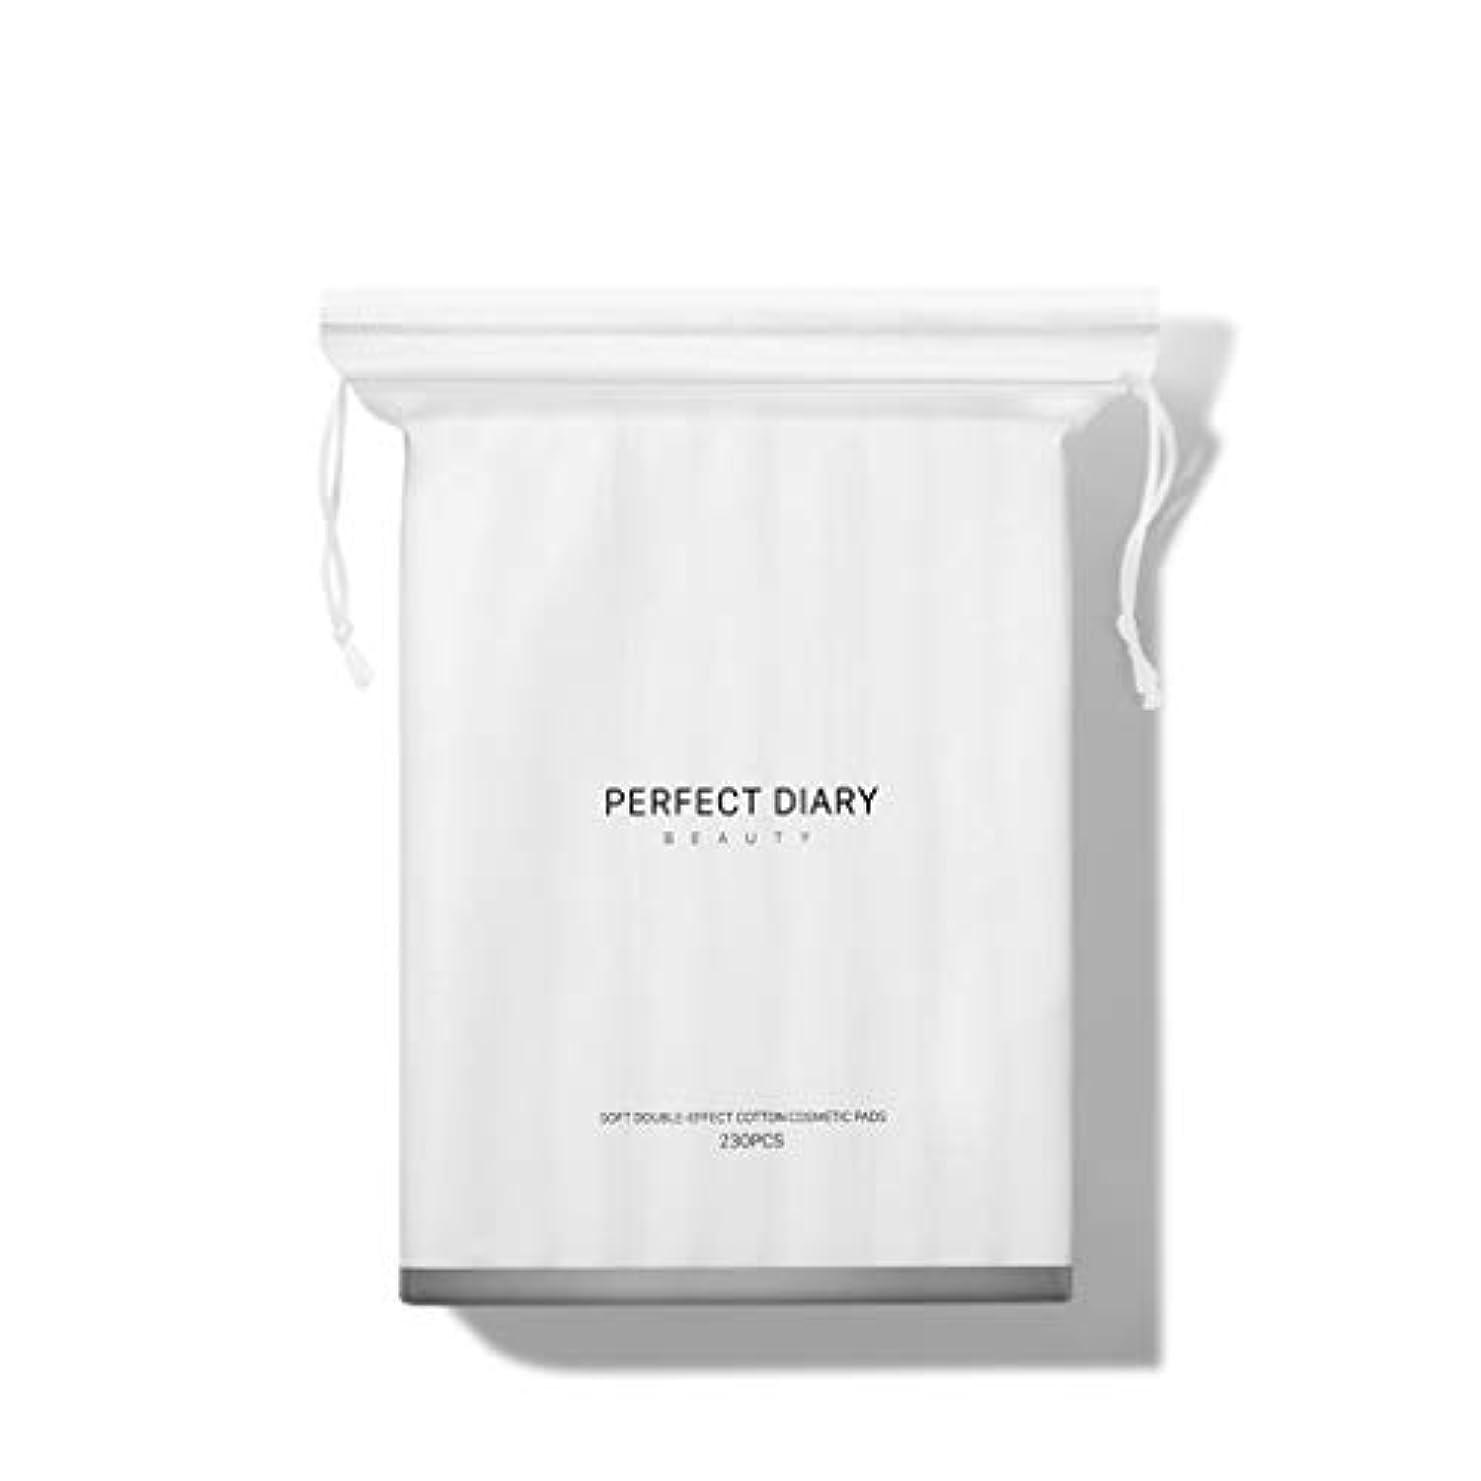 気分が悪い作る高潔なクレンジングシート メイクアップコットンリムーバーコットンリムーバーフェイシャルウェットコンプレッサースペシャルメイク落とし箱入りハイドレイティングスペシャルフェイス (Color : White)